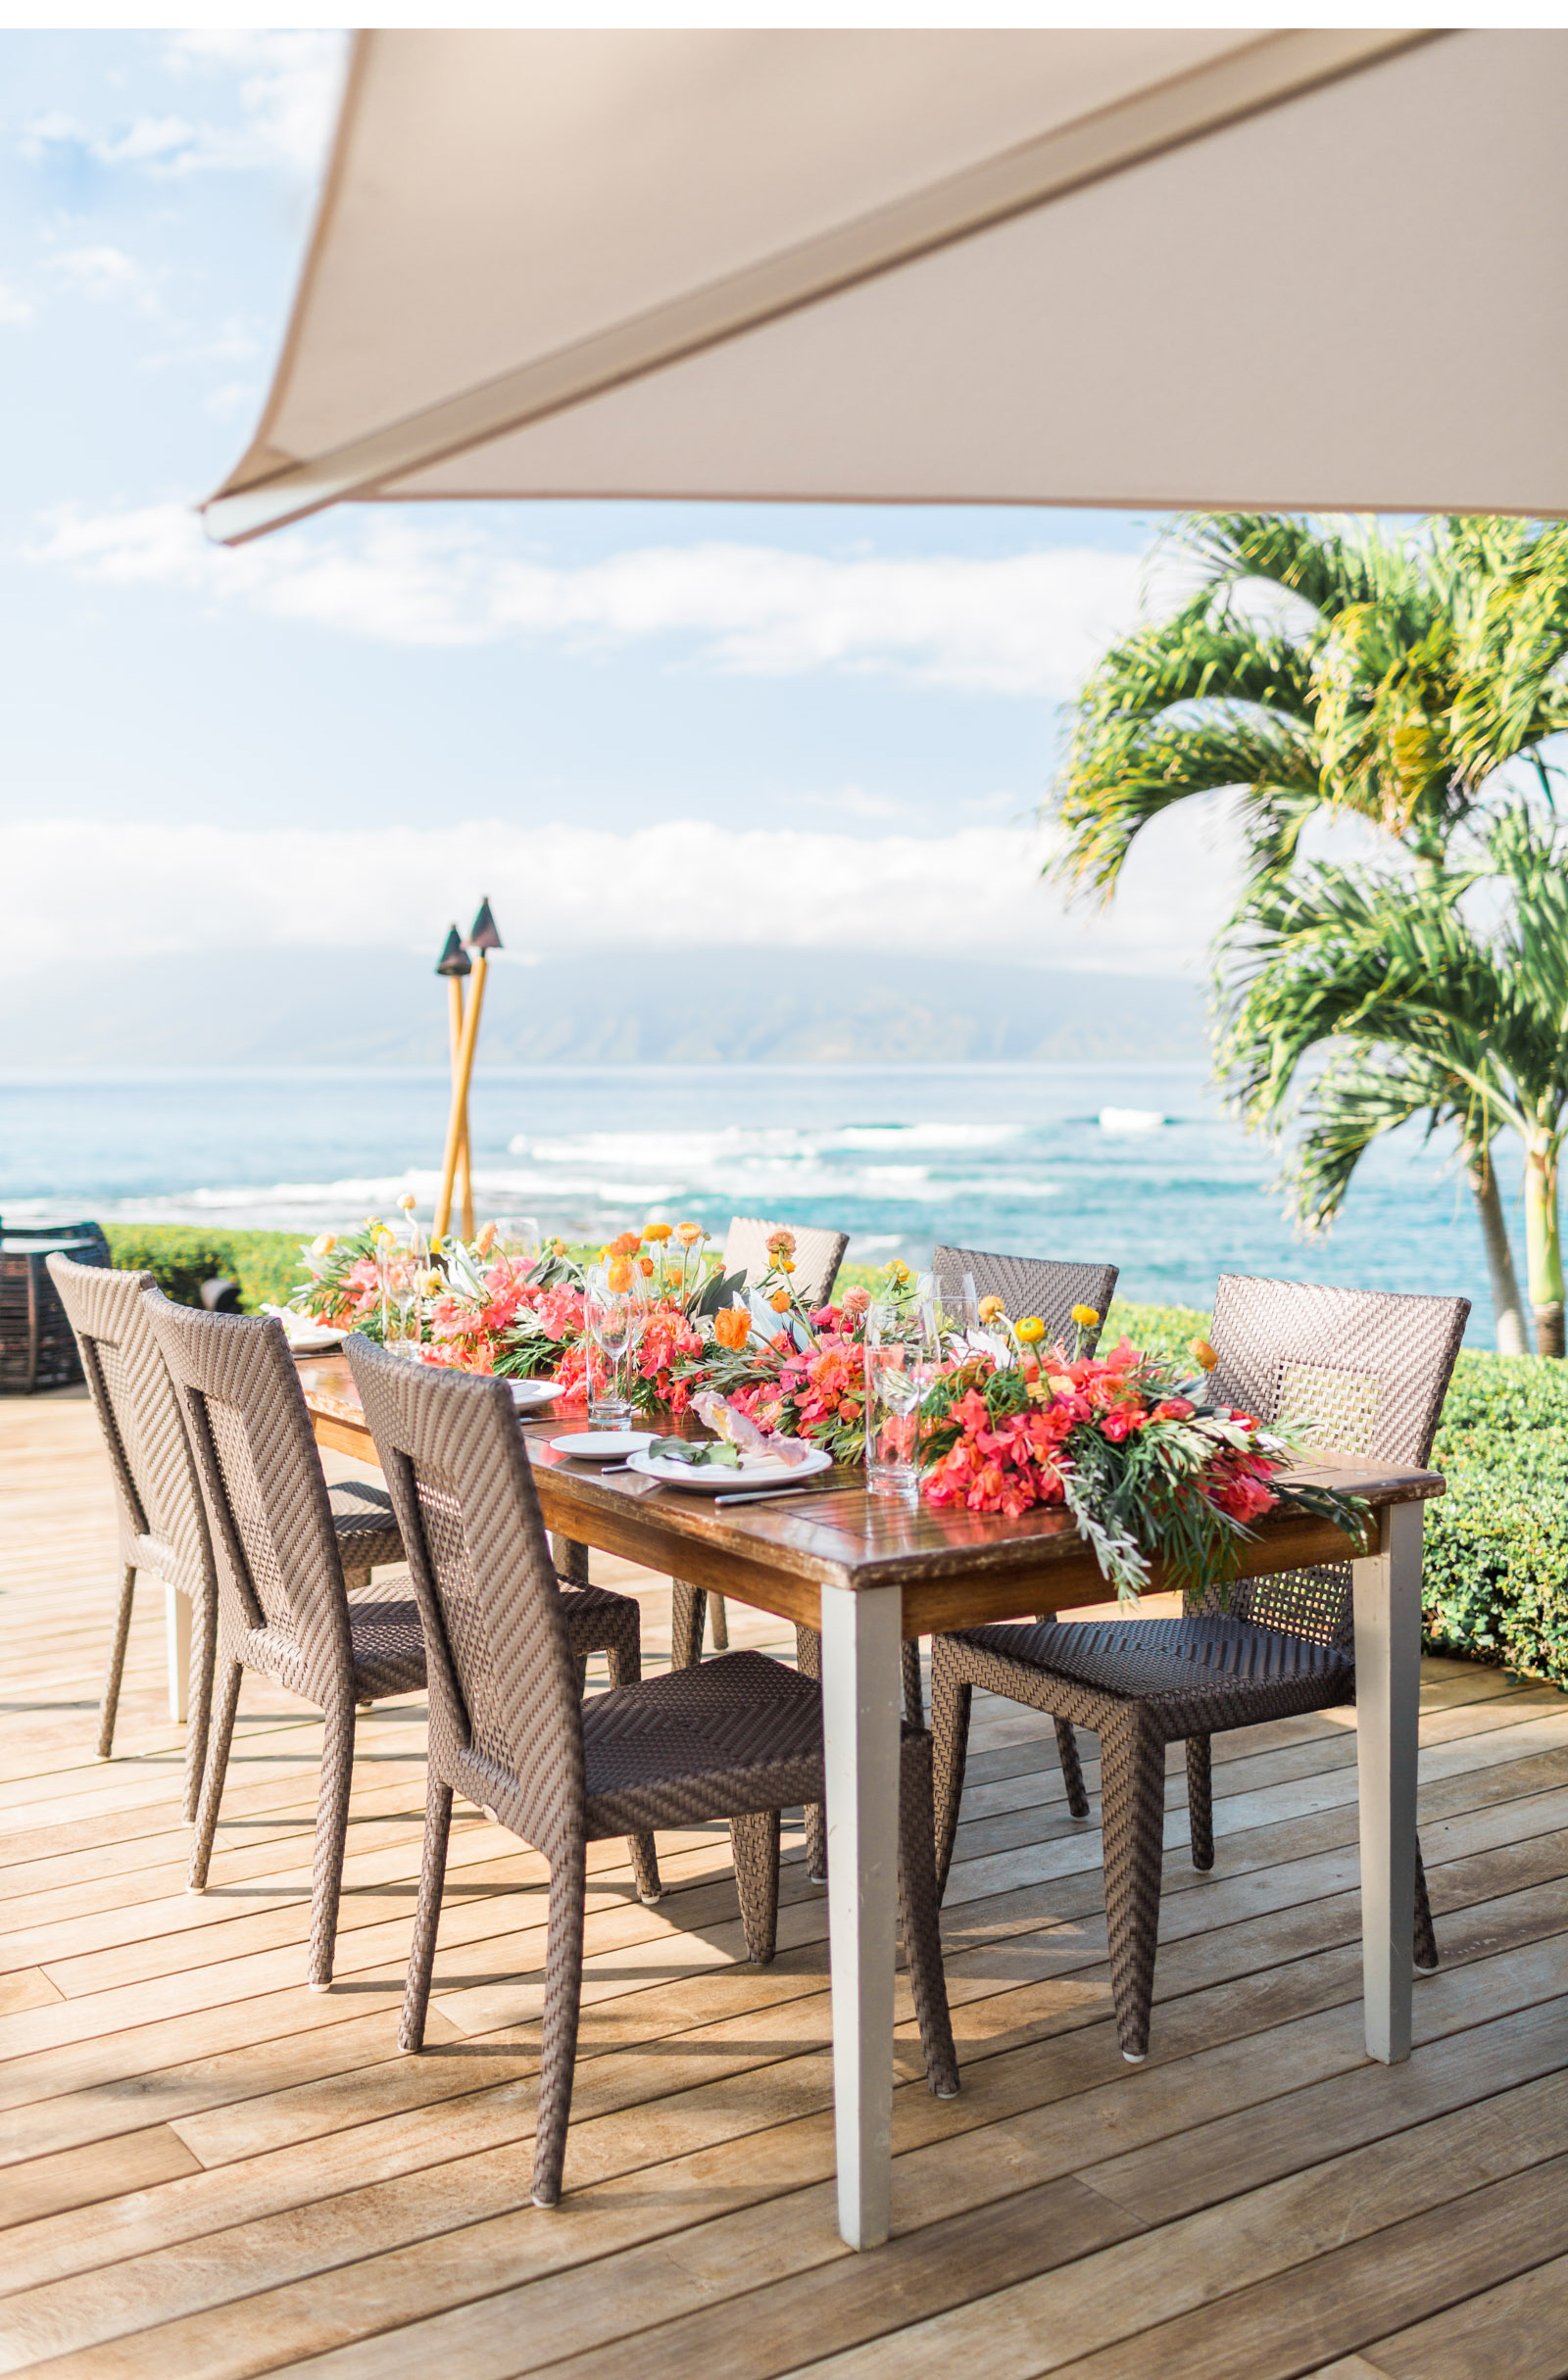 Natalie-Schutt-Photography--Maui-Green-Wedding-Shoes_02.jpg